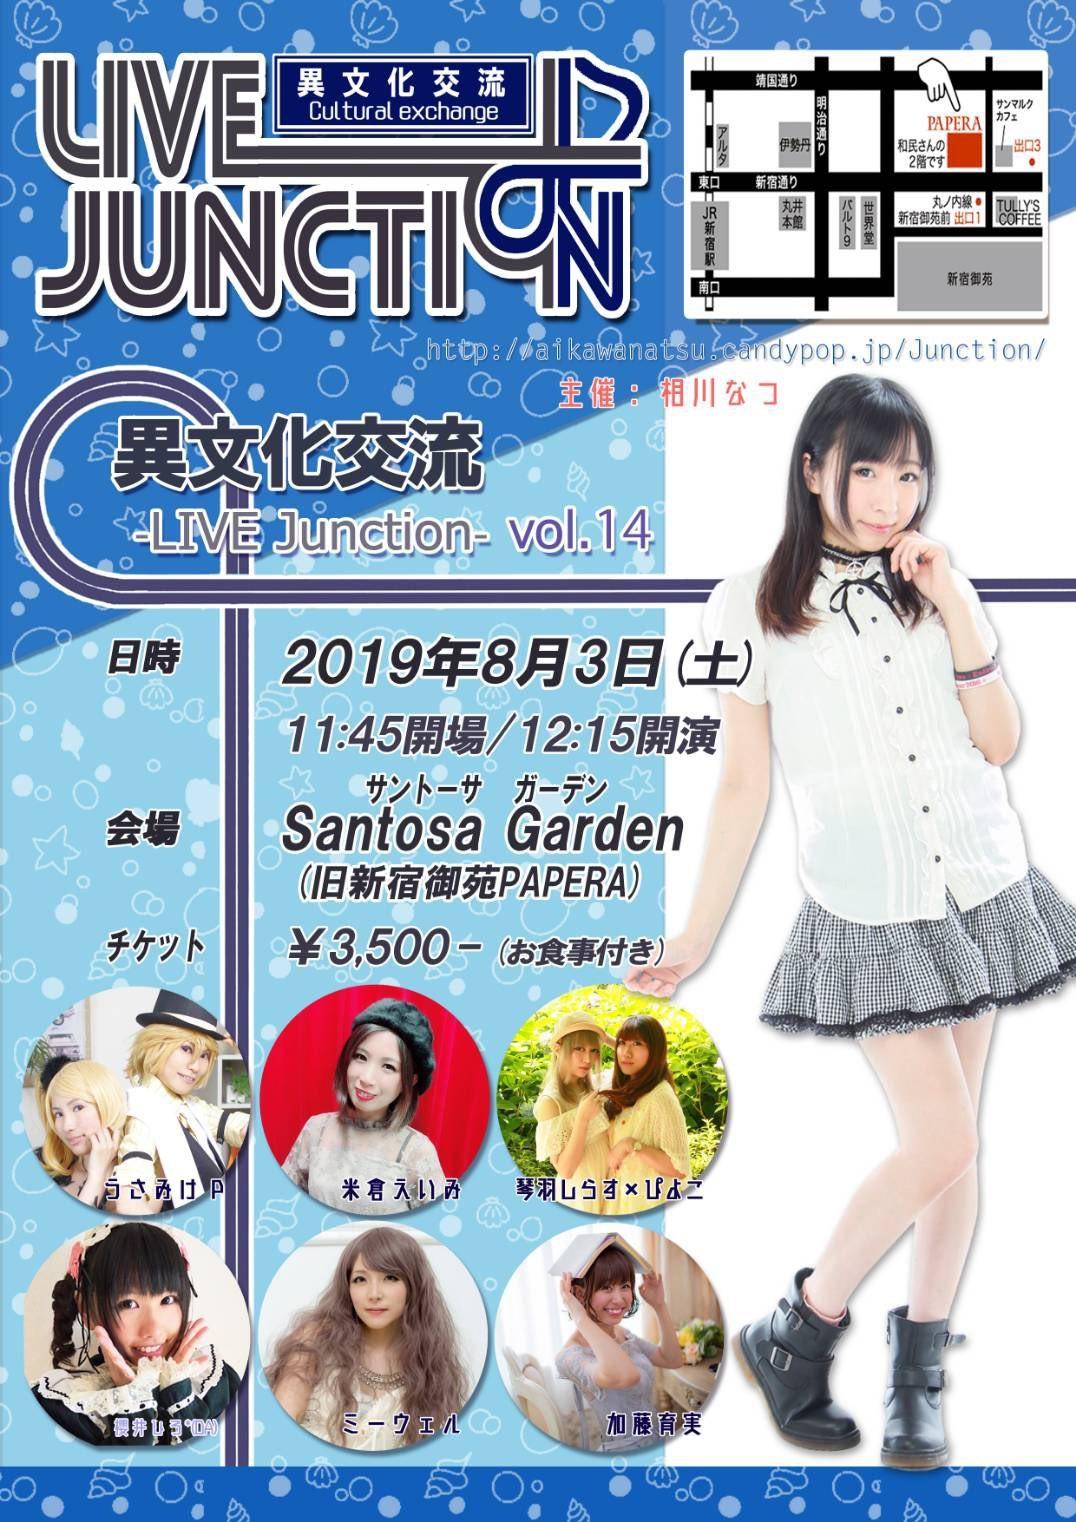 8月3日(土)「異文化交流-LIVE Junction vol.14」